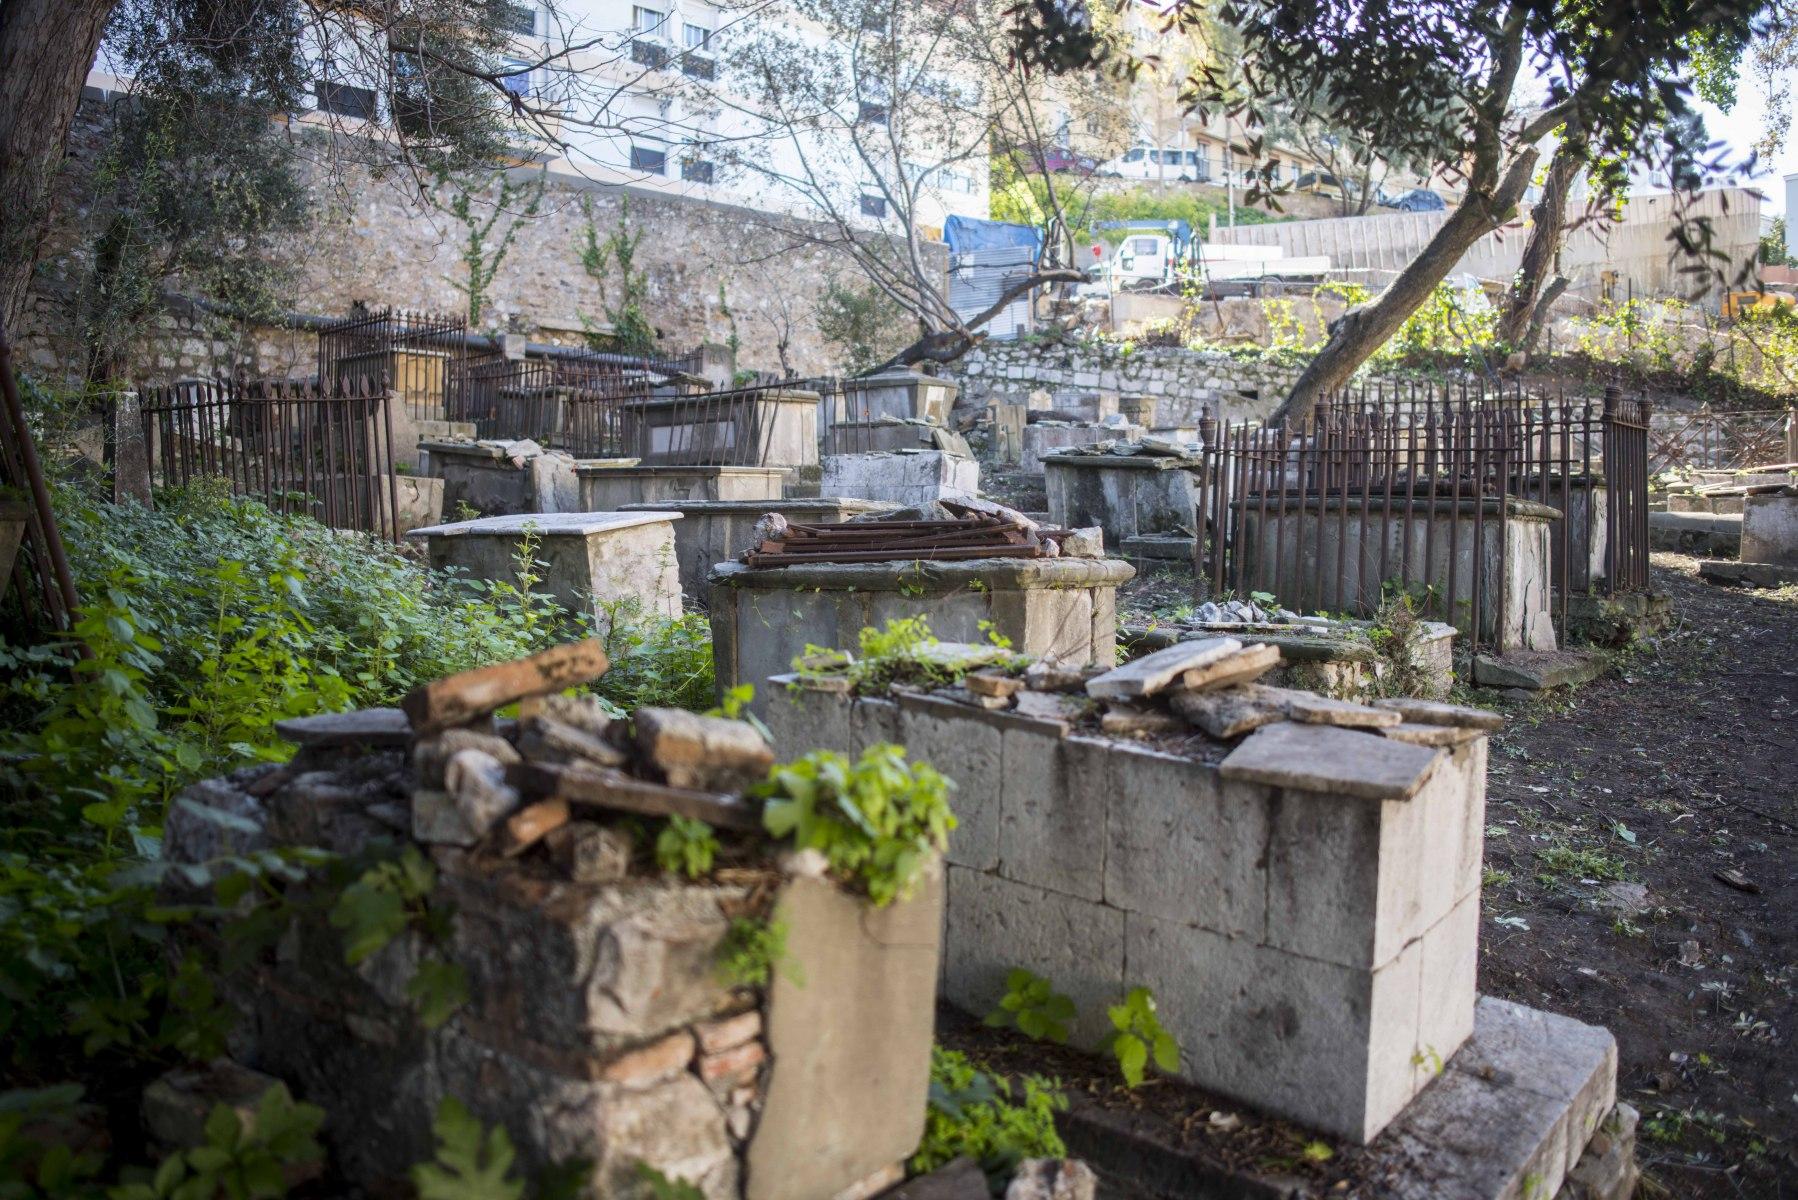 restauracin-cementerio-witham-4_25451431286_o